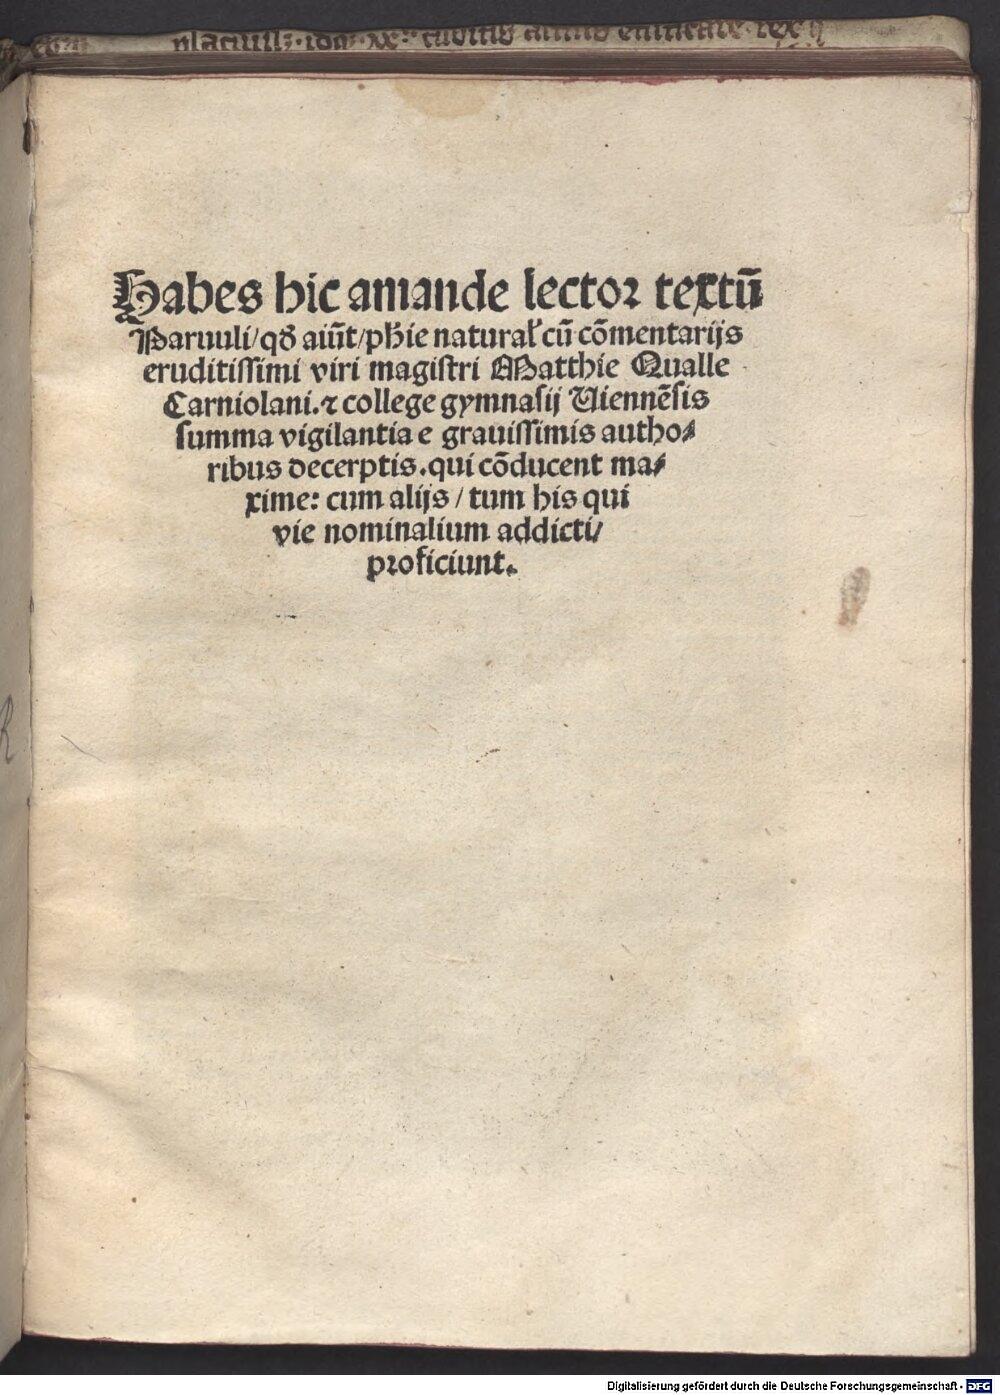 bsb00002084_00005.jpg